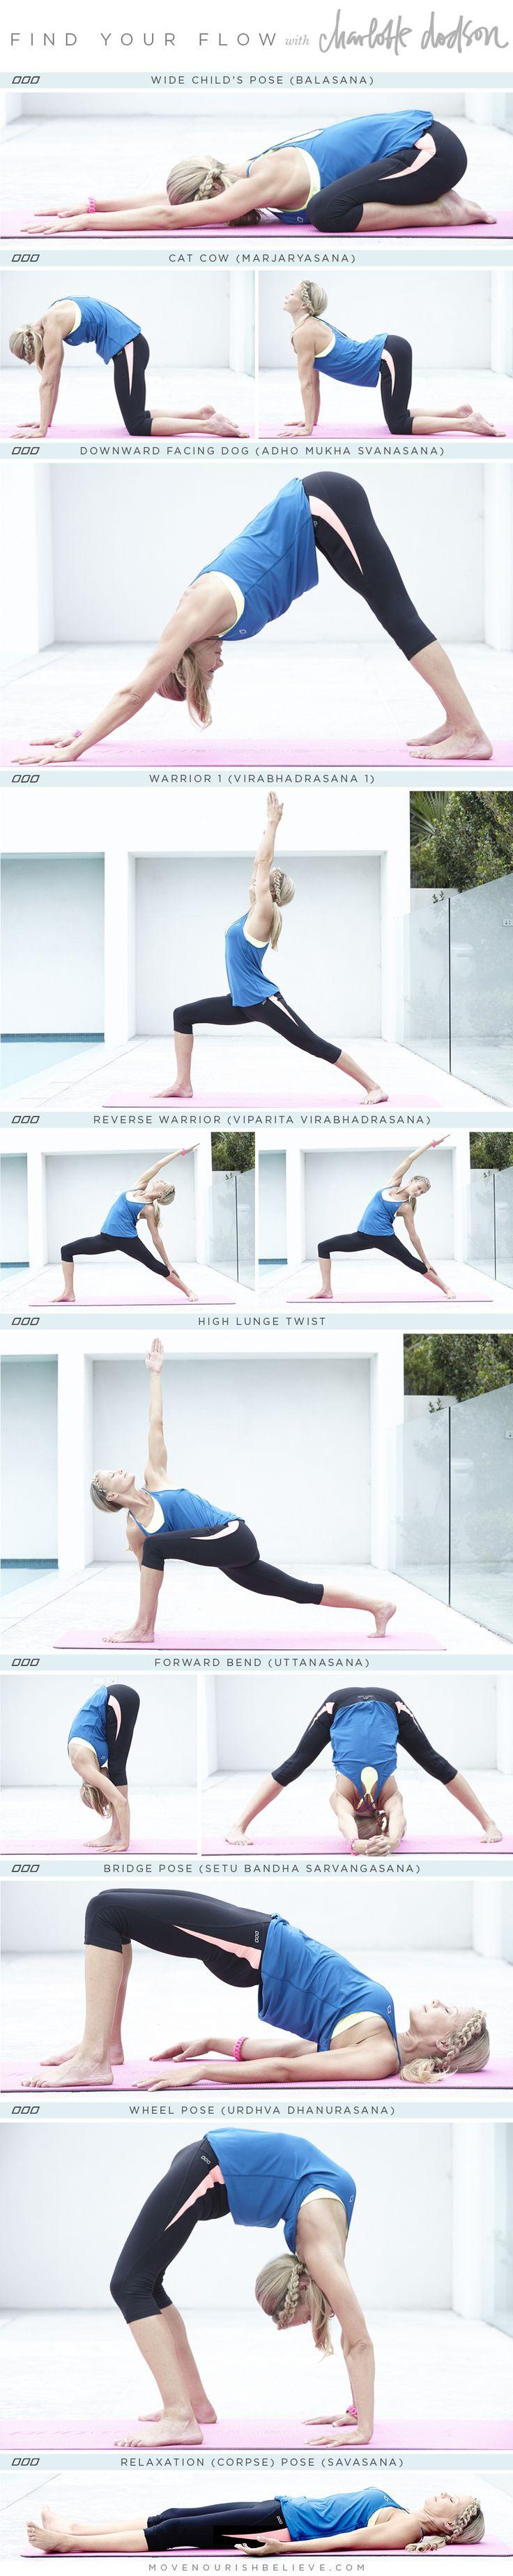 #NamasteNationYoga #Yoga #YogaInspiration #YogaPoses #YogaYoga #YogaLifestyle #YogaMats #YogaTips